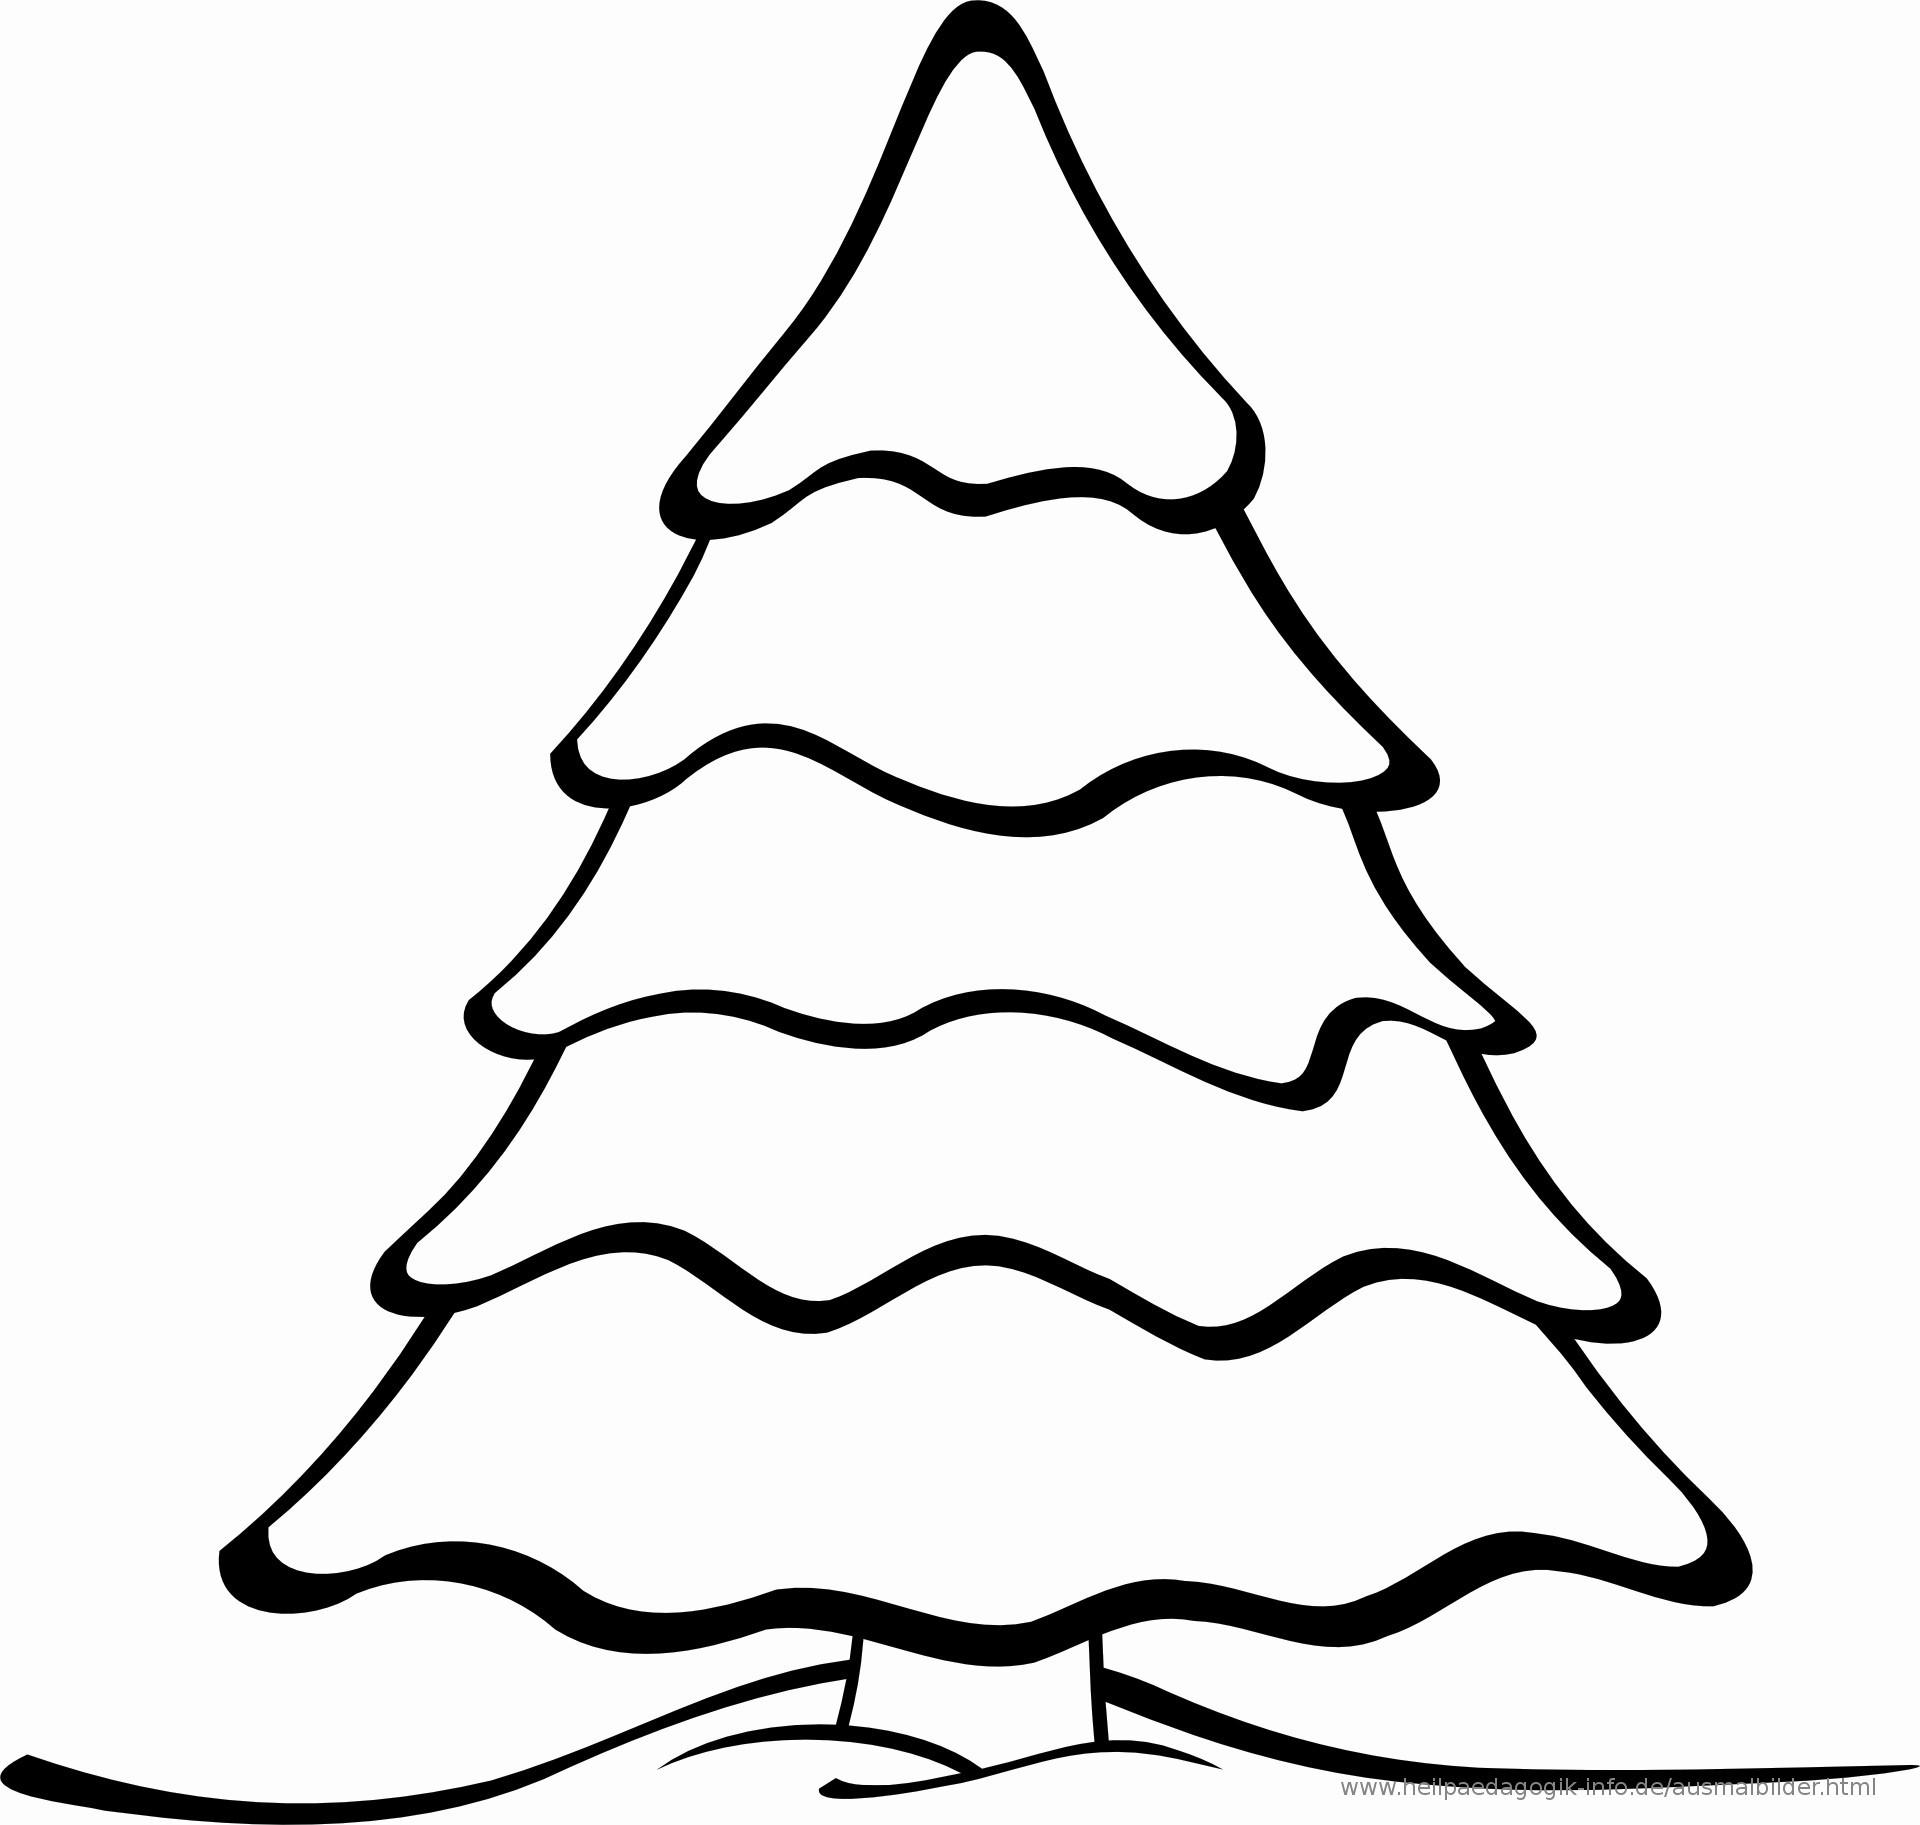 Ausmalbilder Weihnachten Ausdrucken Inspirierend Tannenbaum Ausmalbild Einzigartig Malvorlagen Tannenbaum Das Bild